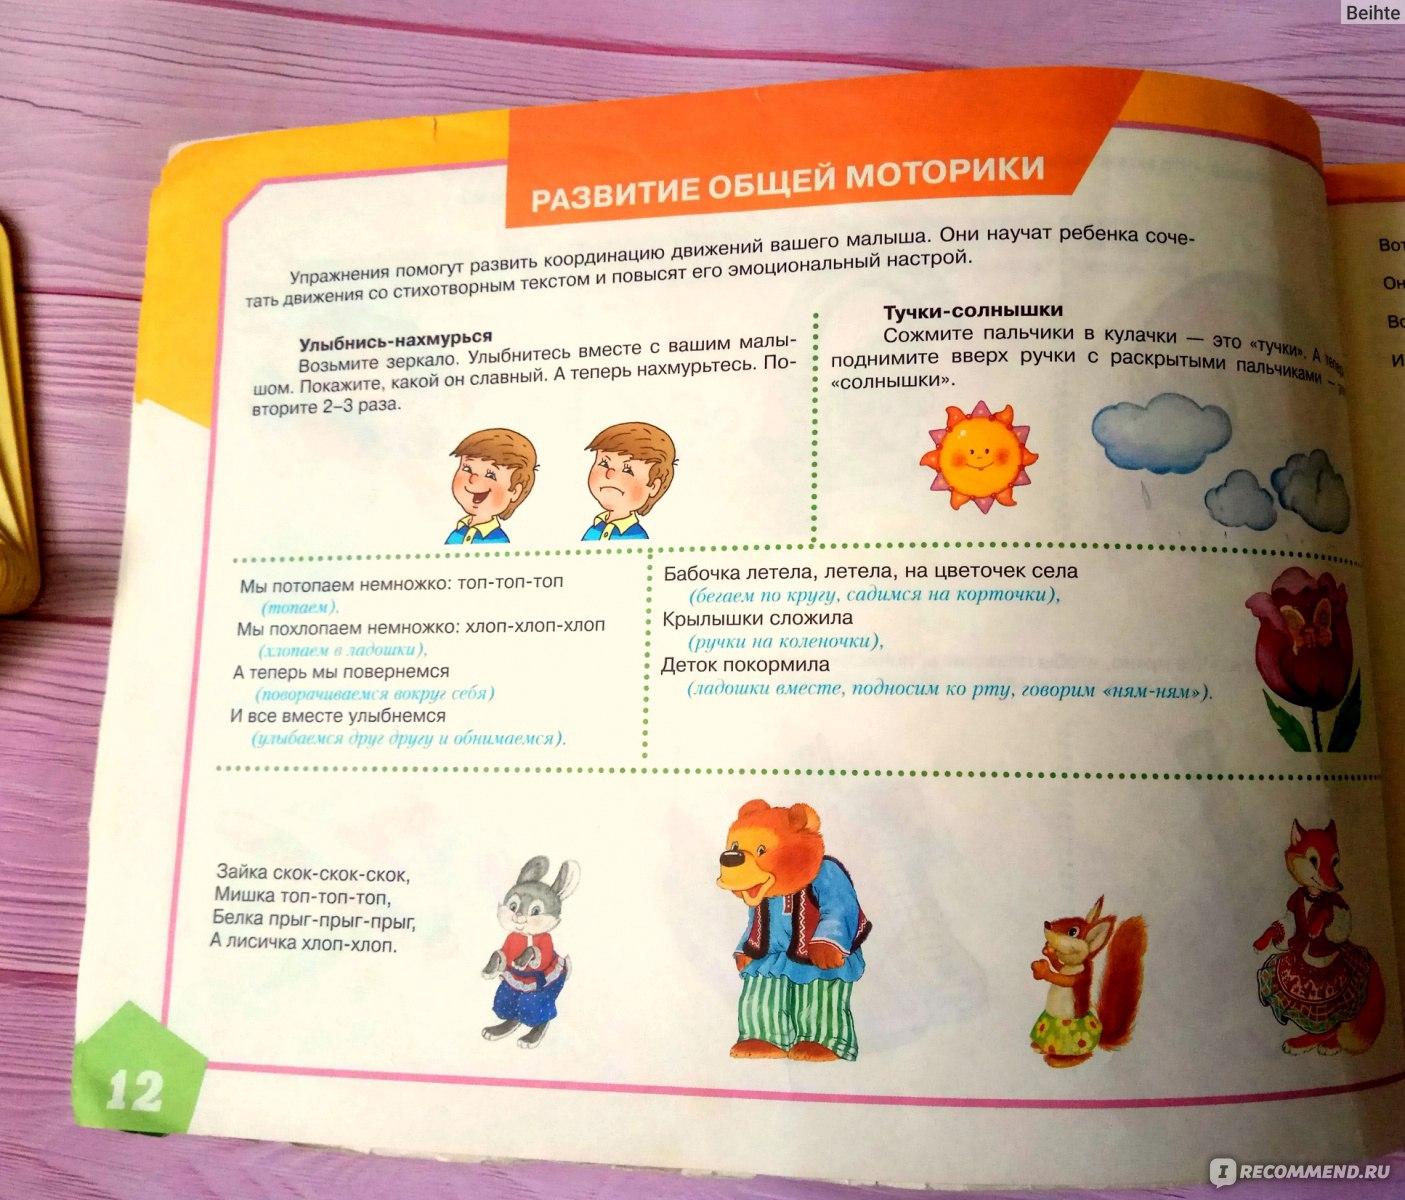 Как научить ребенка говорить: стадии речевого развития, упражнения для двухлетних и трехлетних малышей